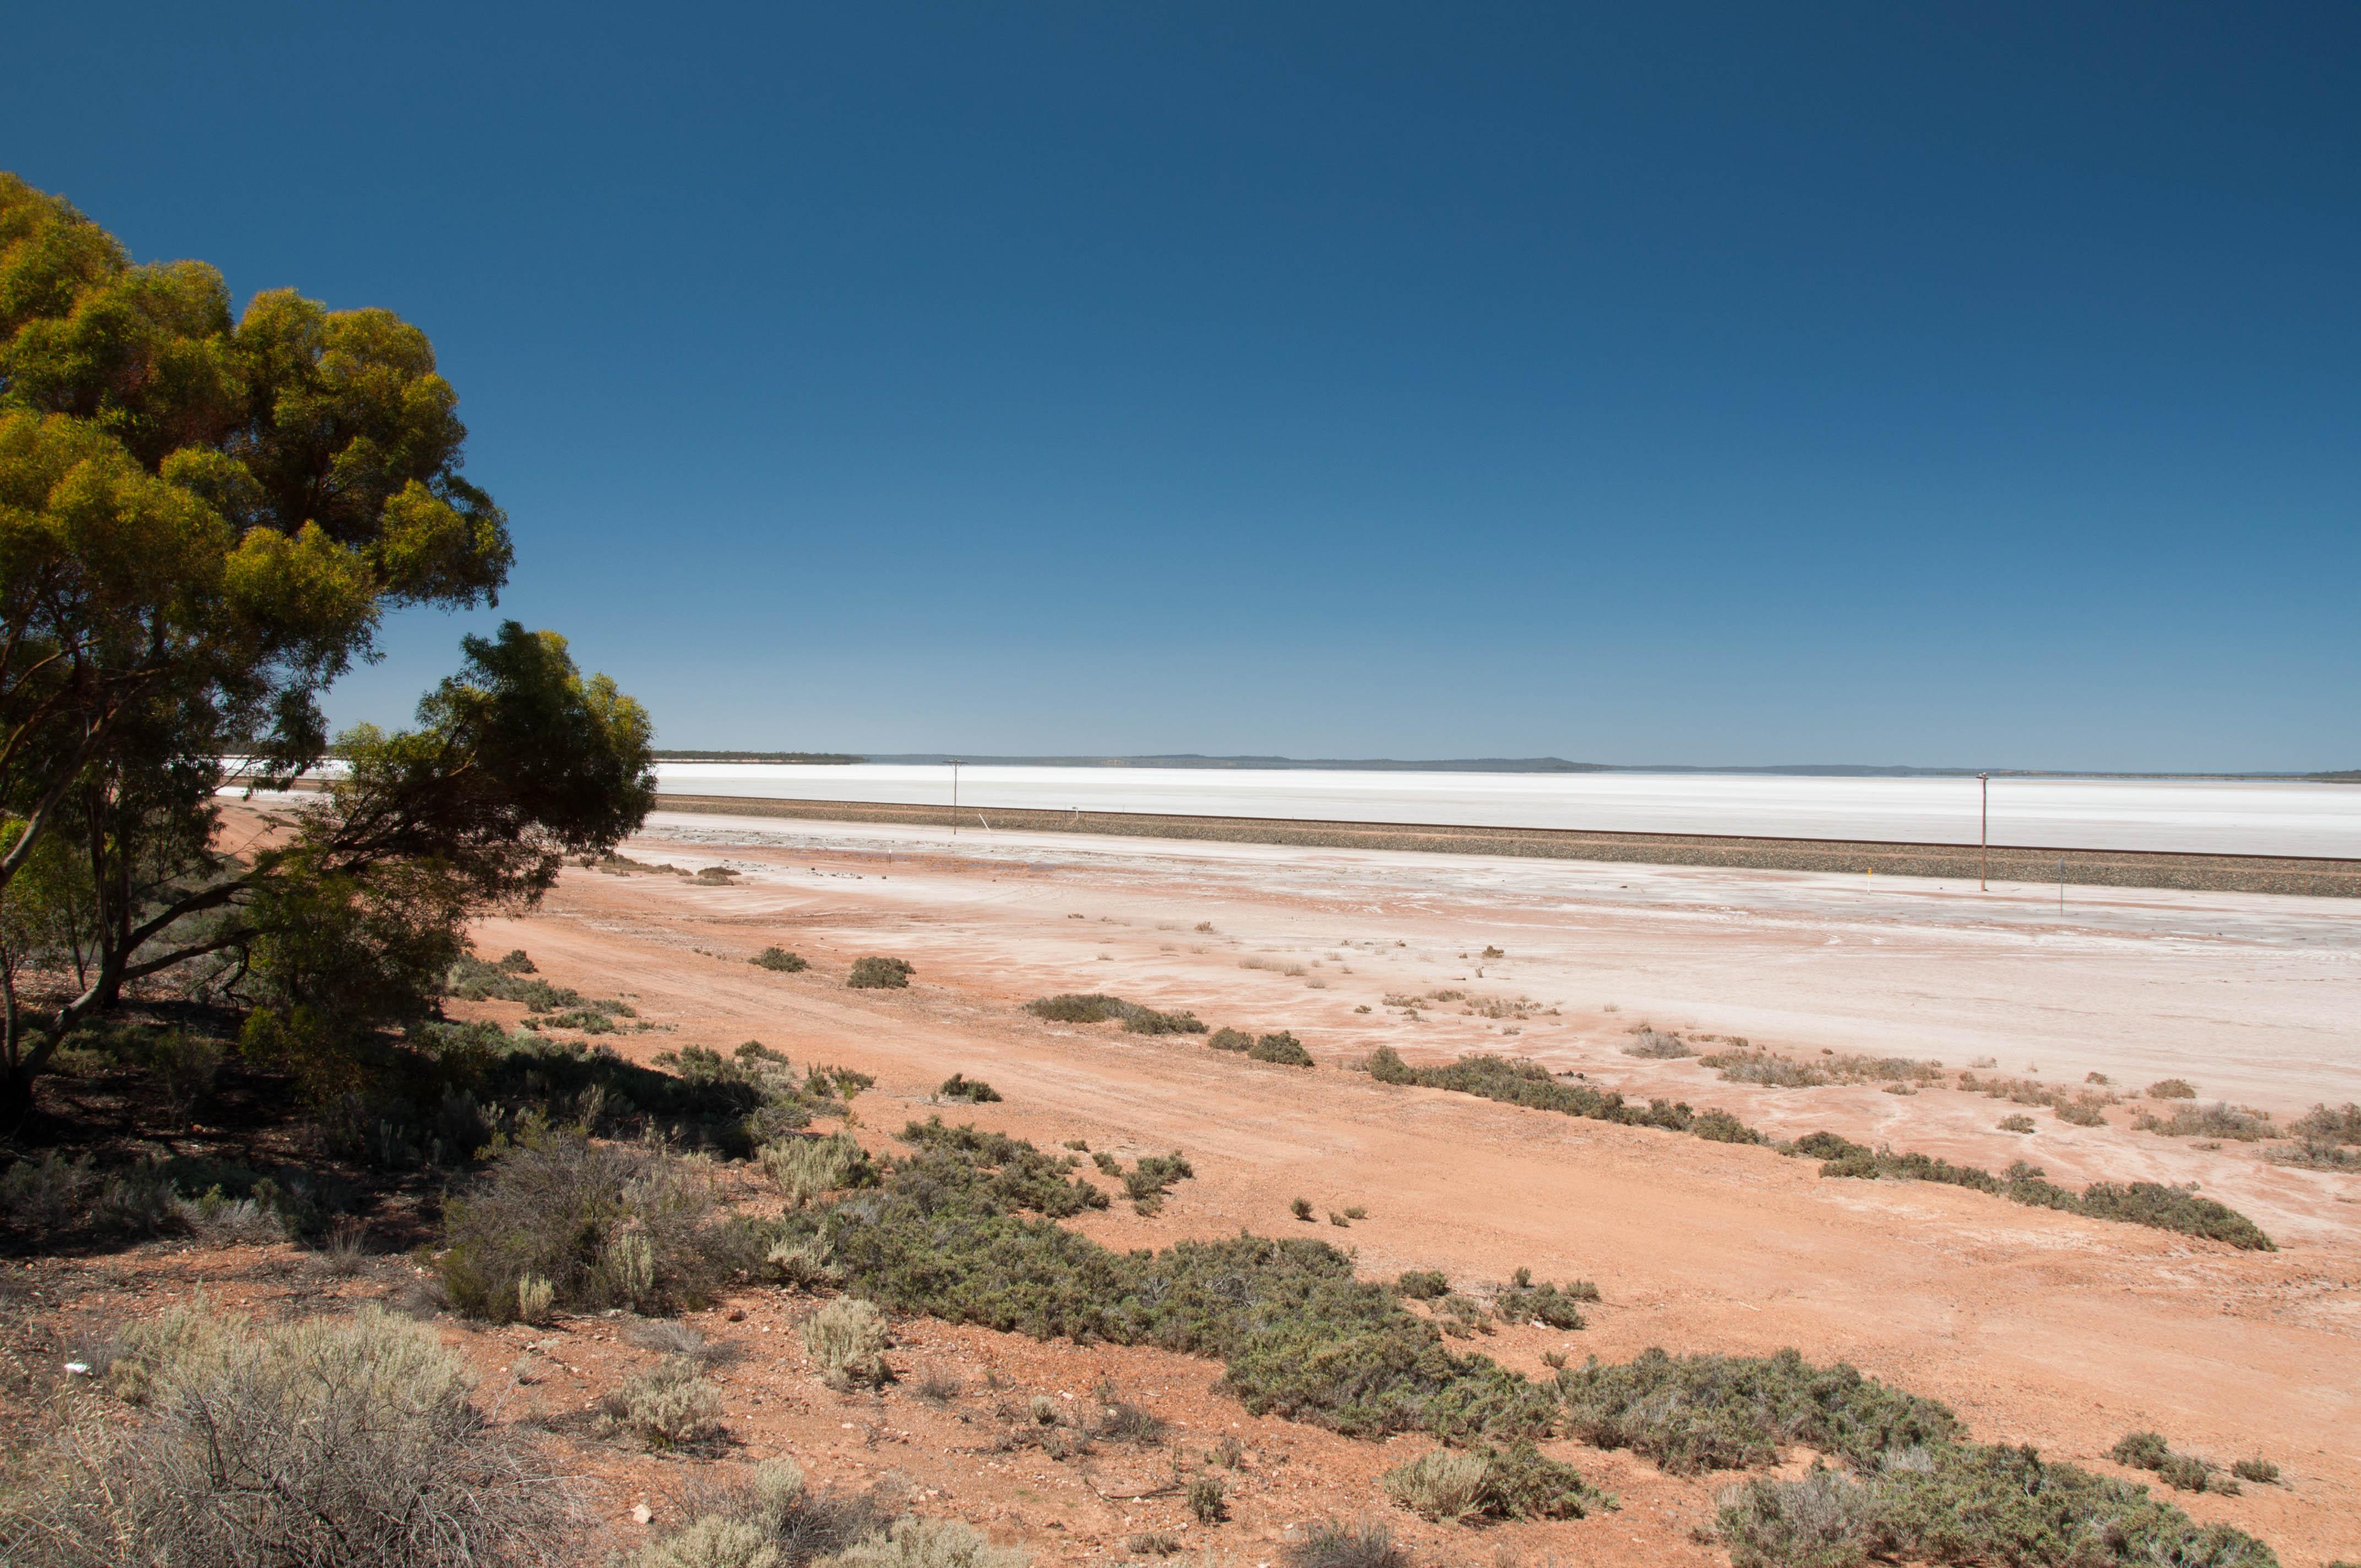 32_Salt lake, Western Australia